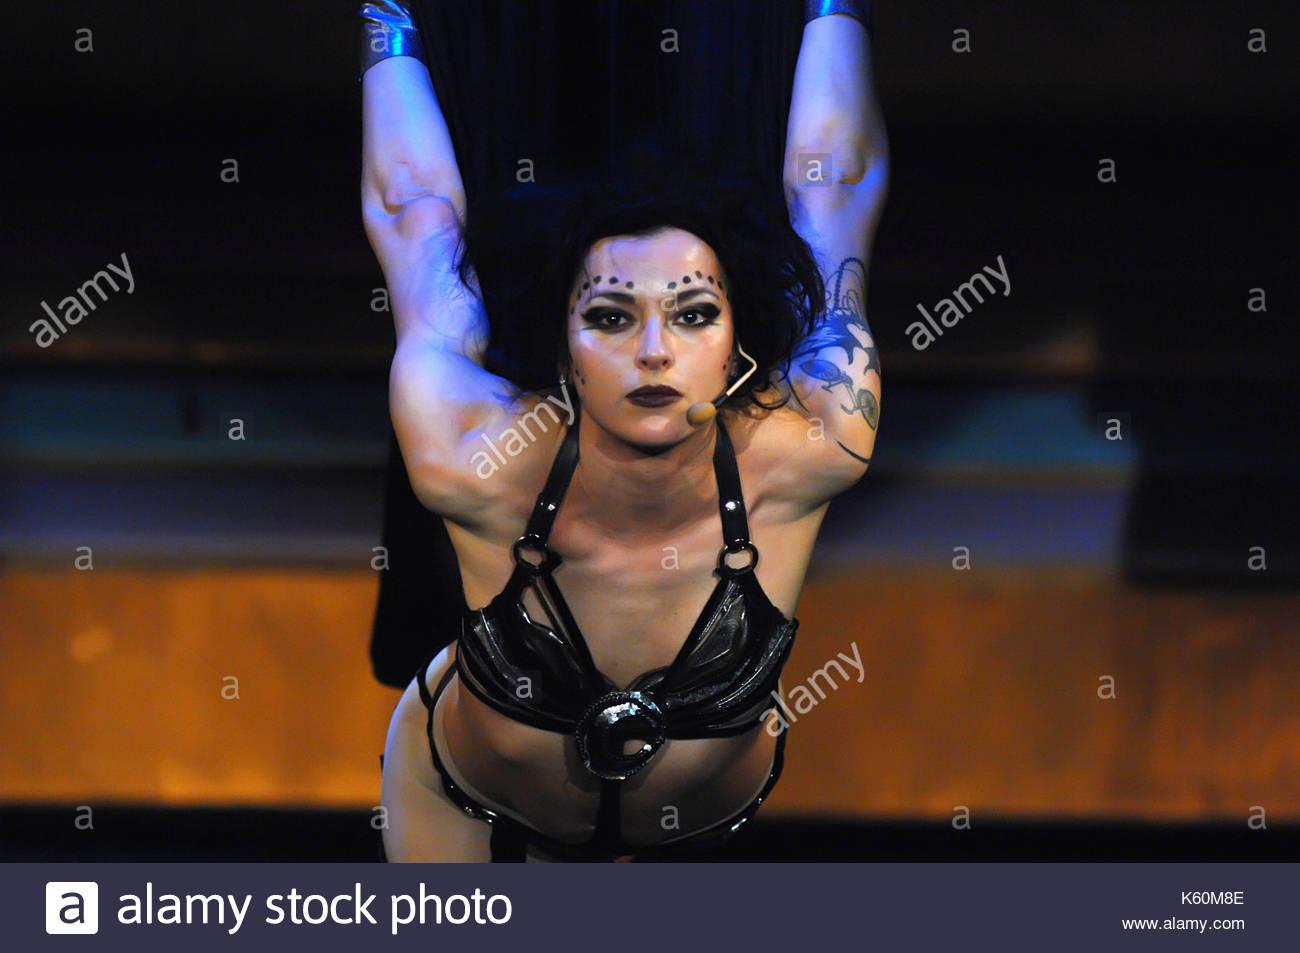 anya-sapozhnikova-cast-during-a-performance-of-caligula-maximus-inside-K60M8E.jpg